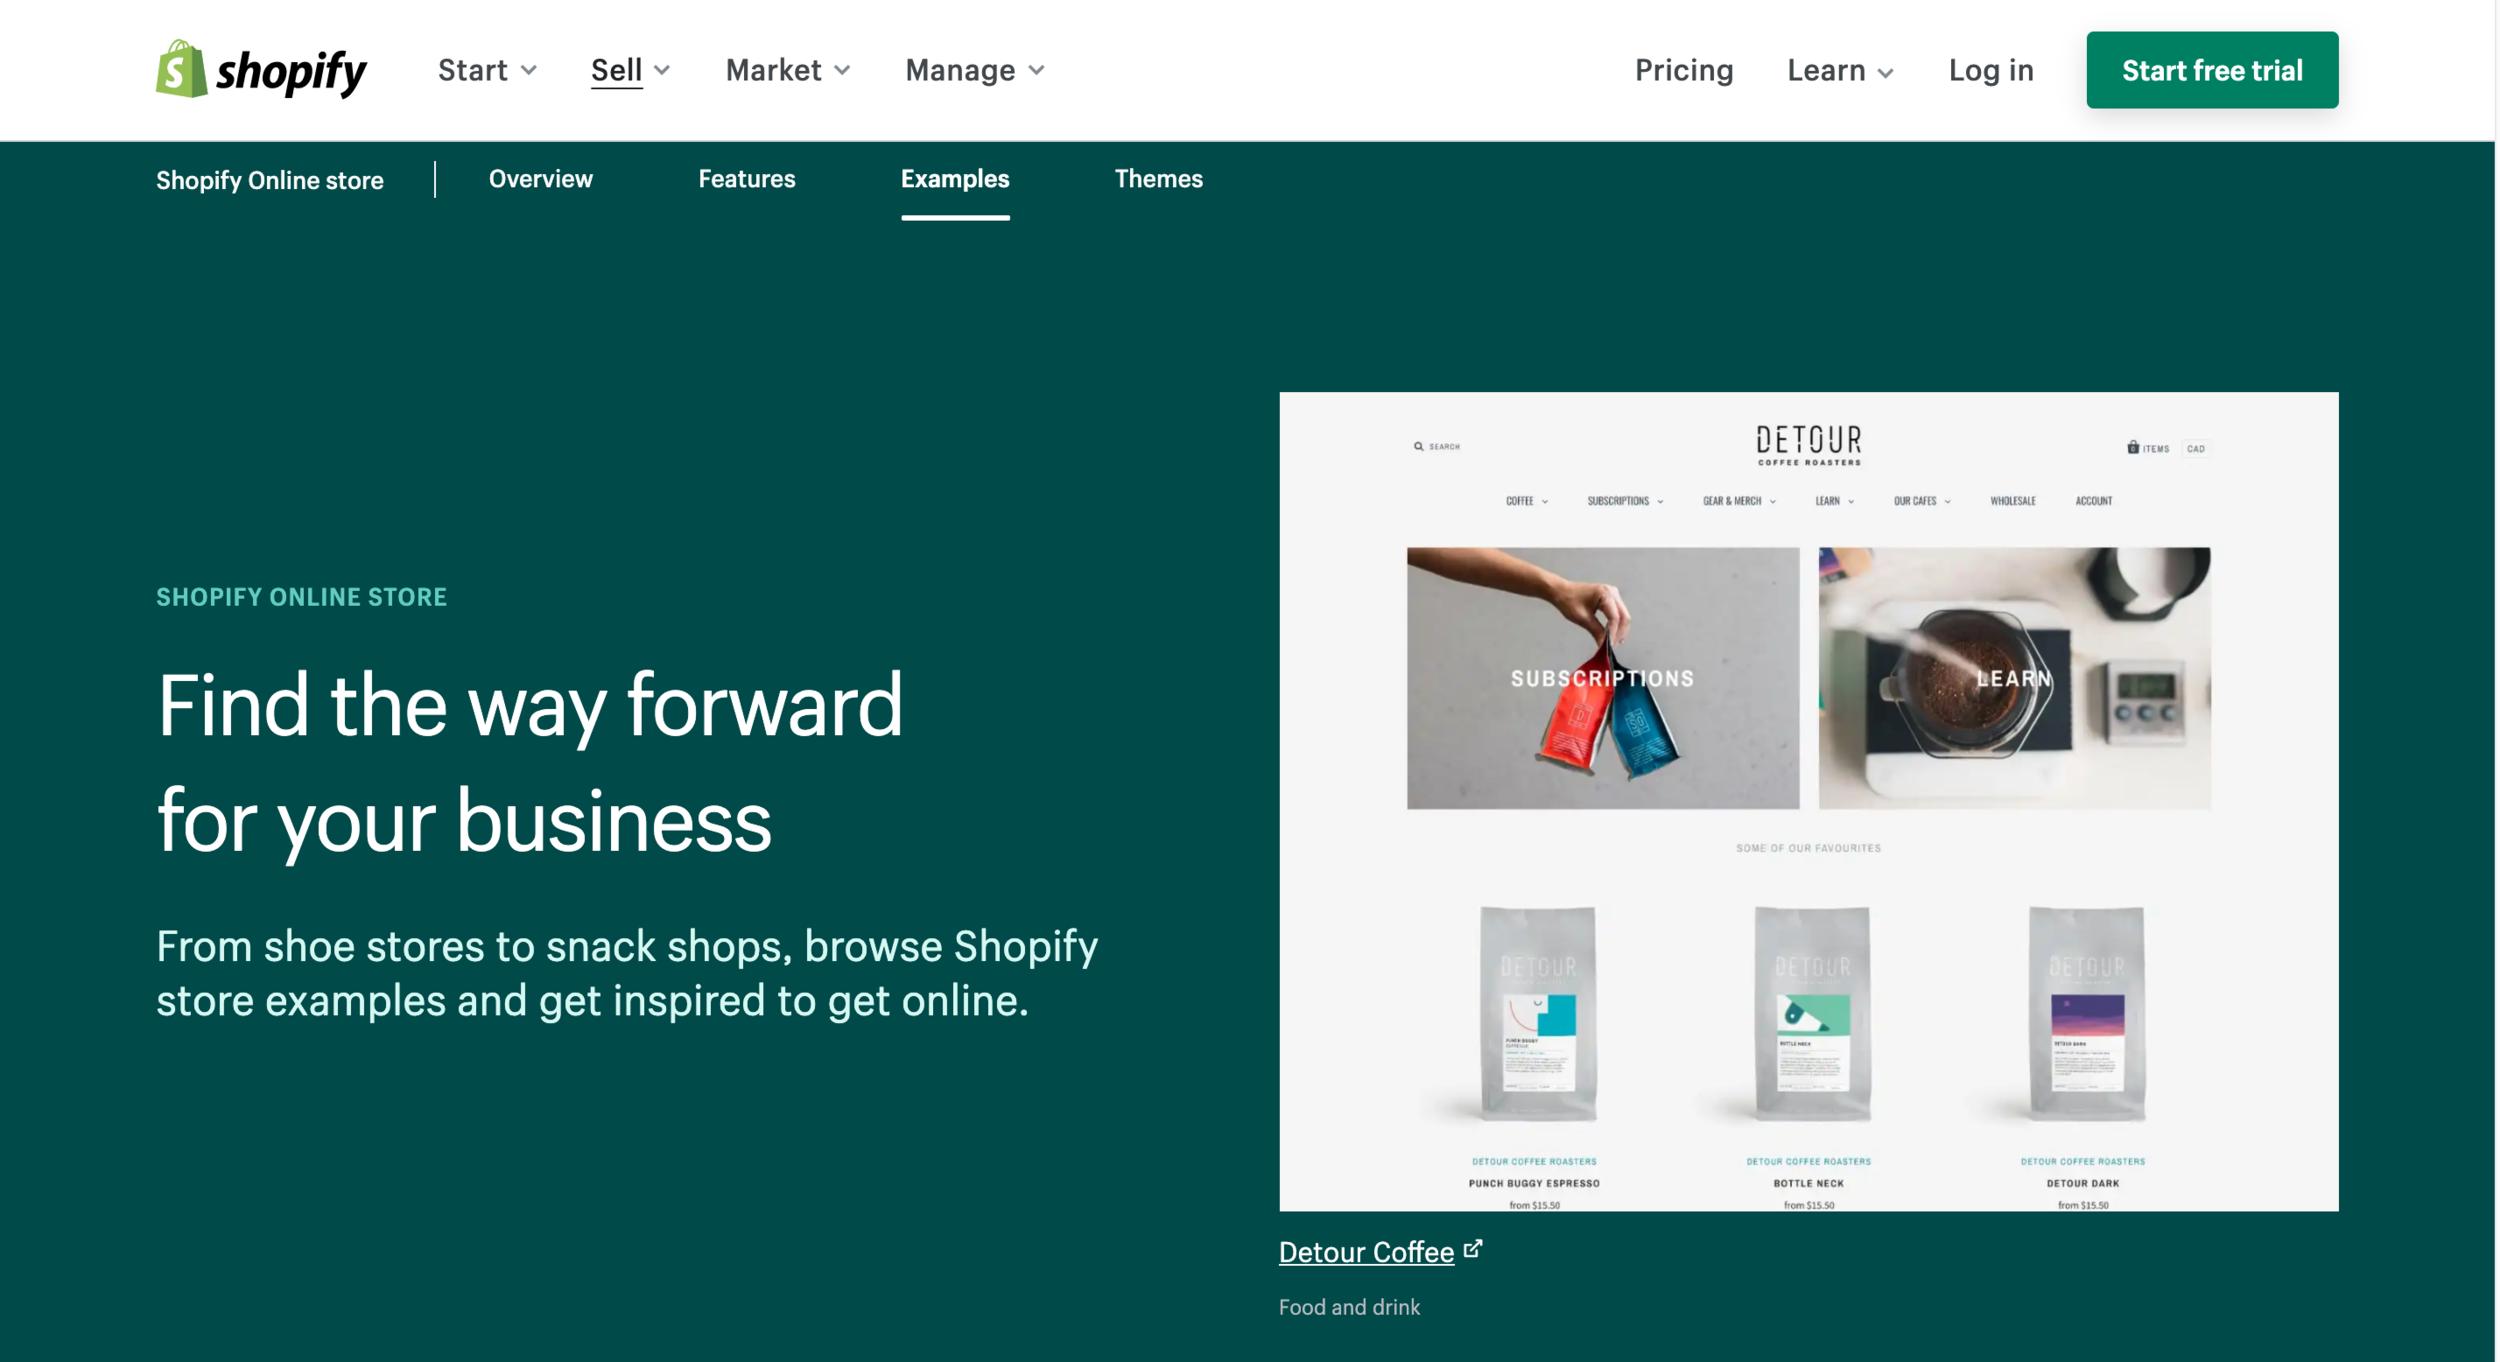 ตัวอย่างหน้าเว็บไซต์ Shopify